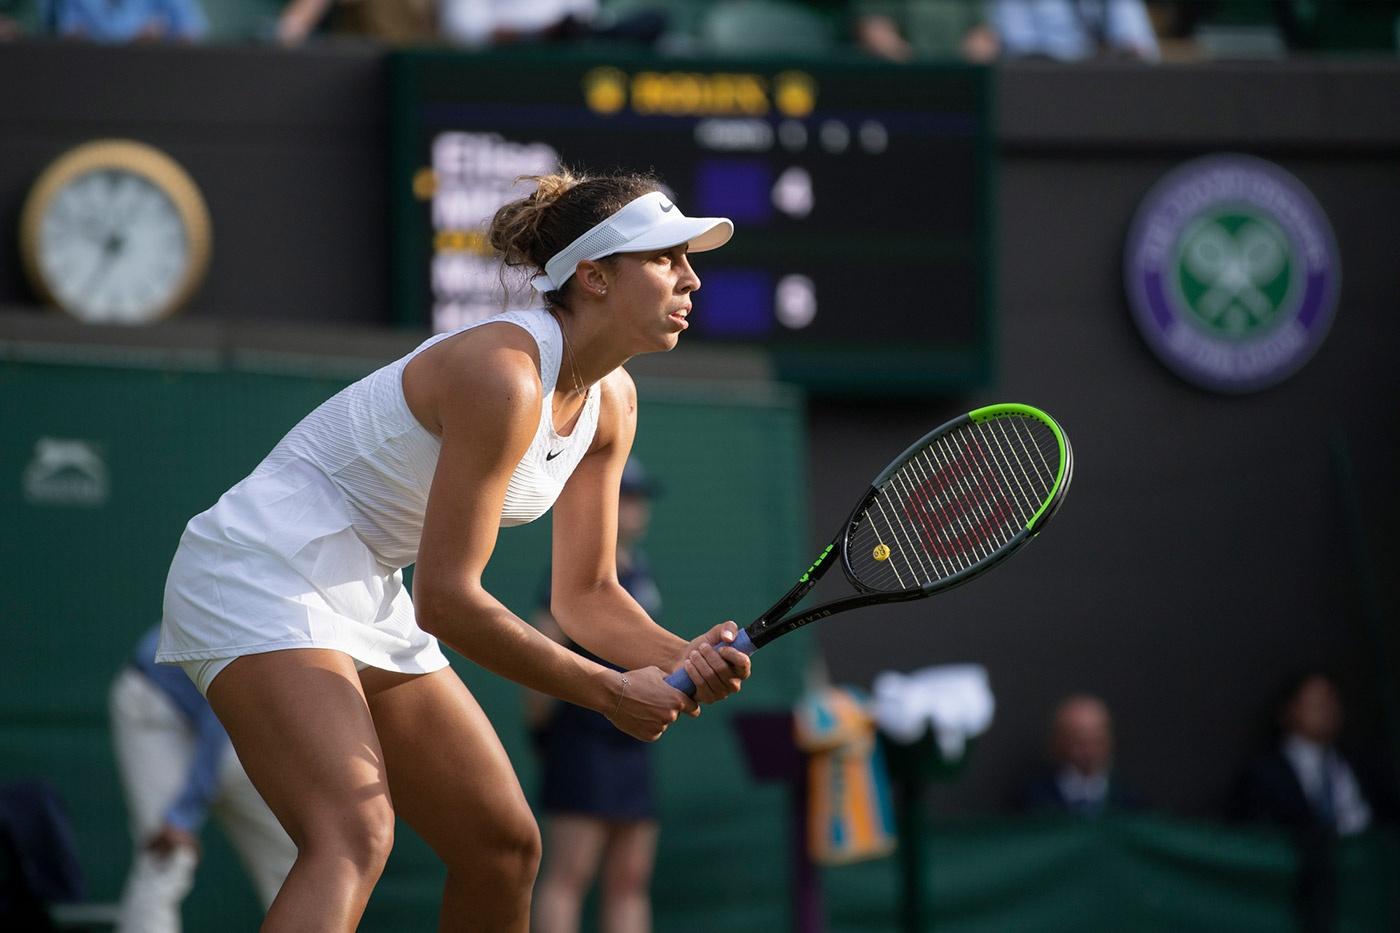 麦迪逊基丝可以说是目前在WTA赛场上最强大的女选手之一